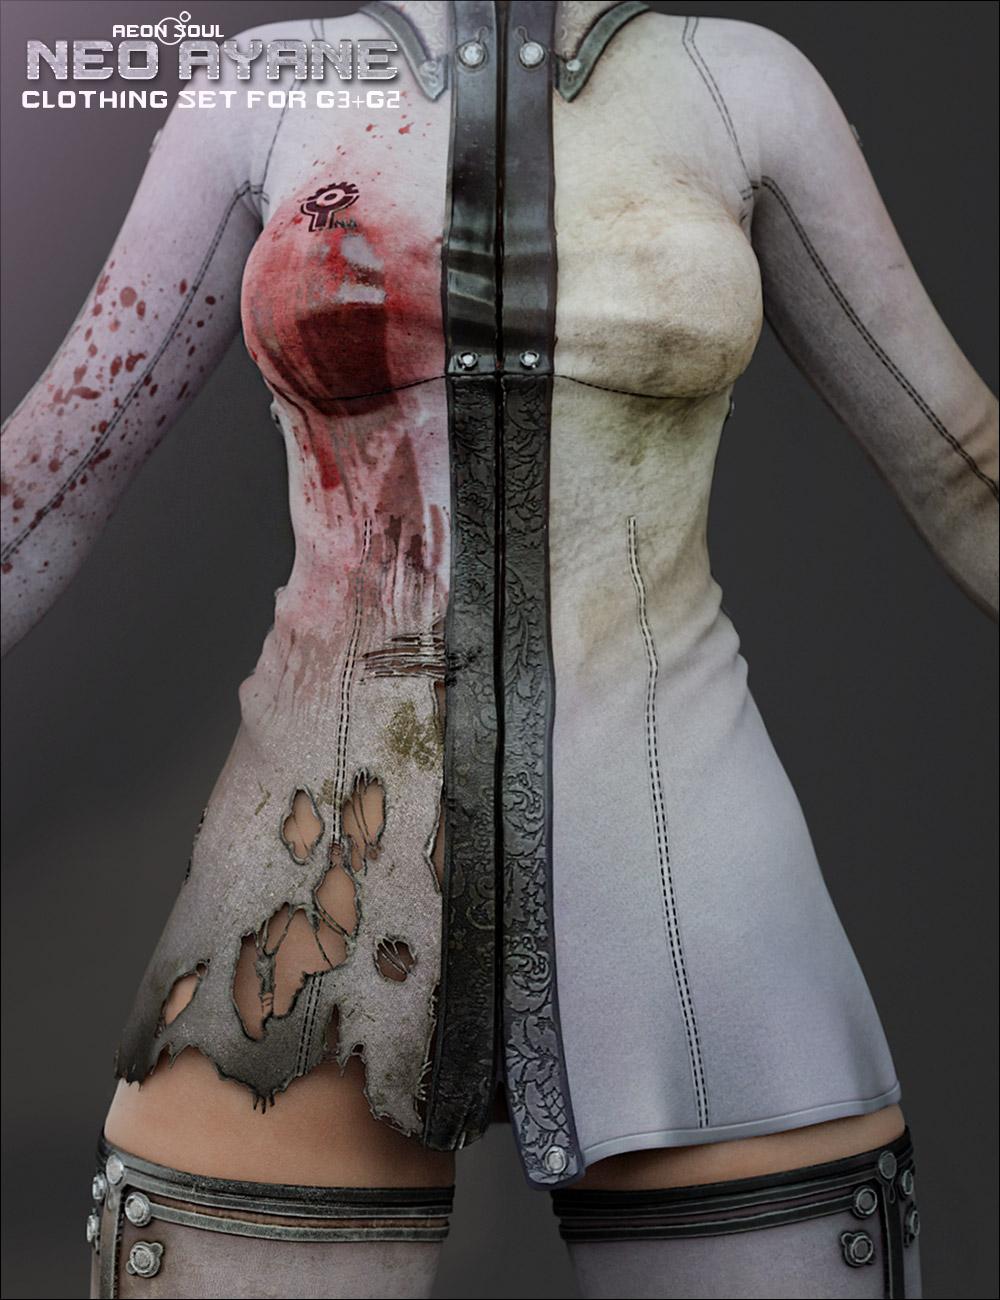 Neo Ayane Bundle by: Aeon Soul, 3D Models by Daz 3D